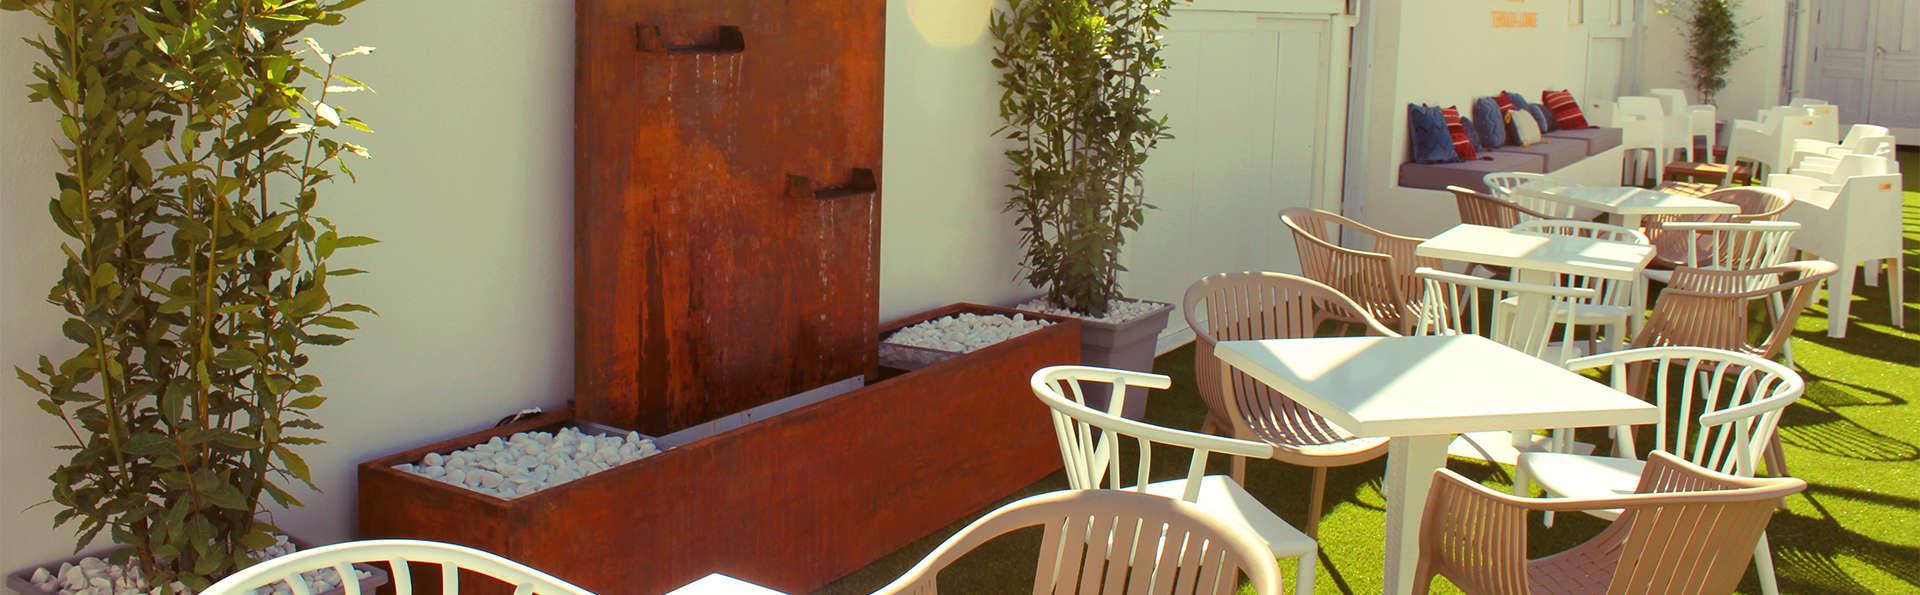 Hotel La Casa del Trigo - EDIT_TERRACE.jpg